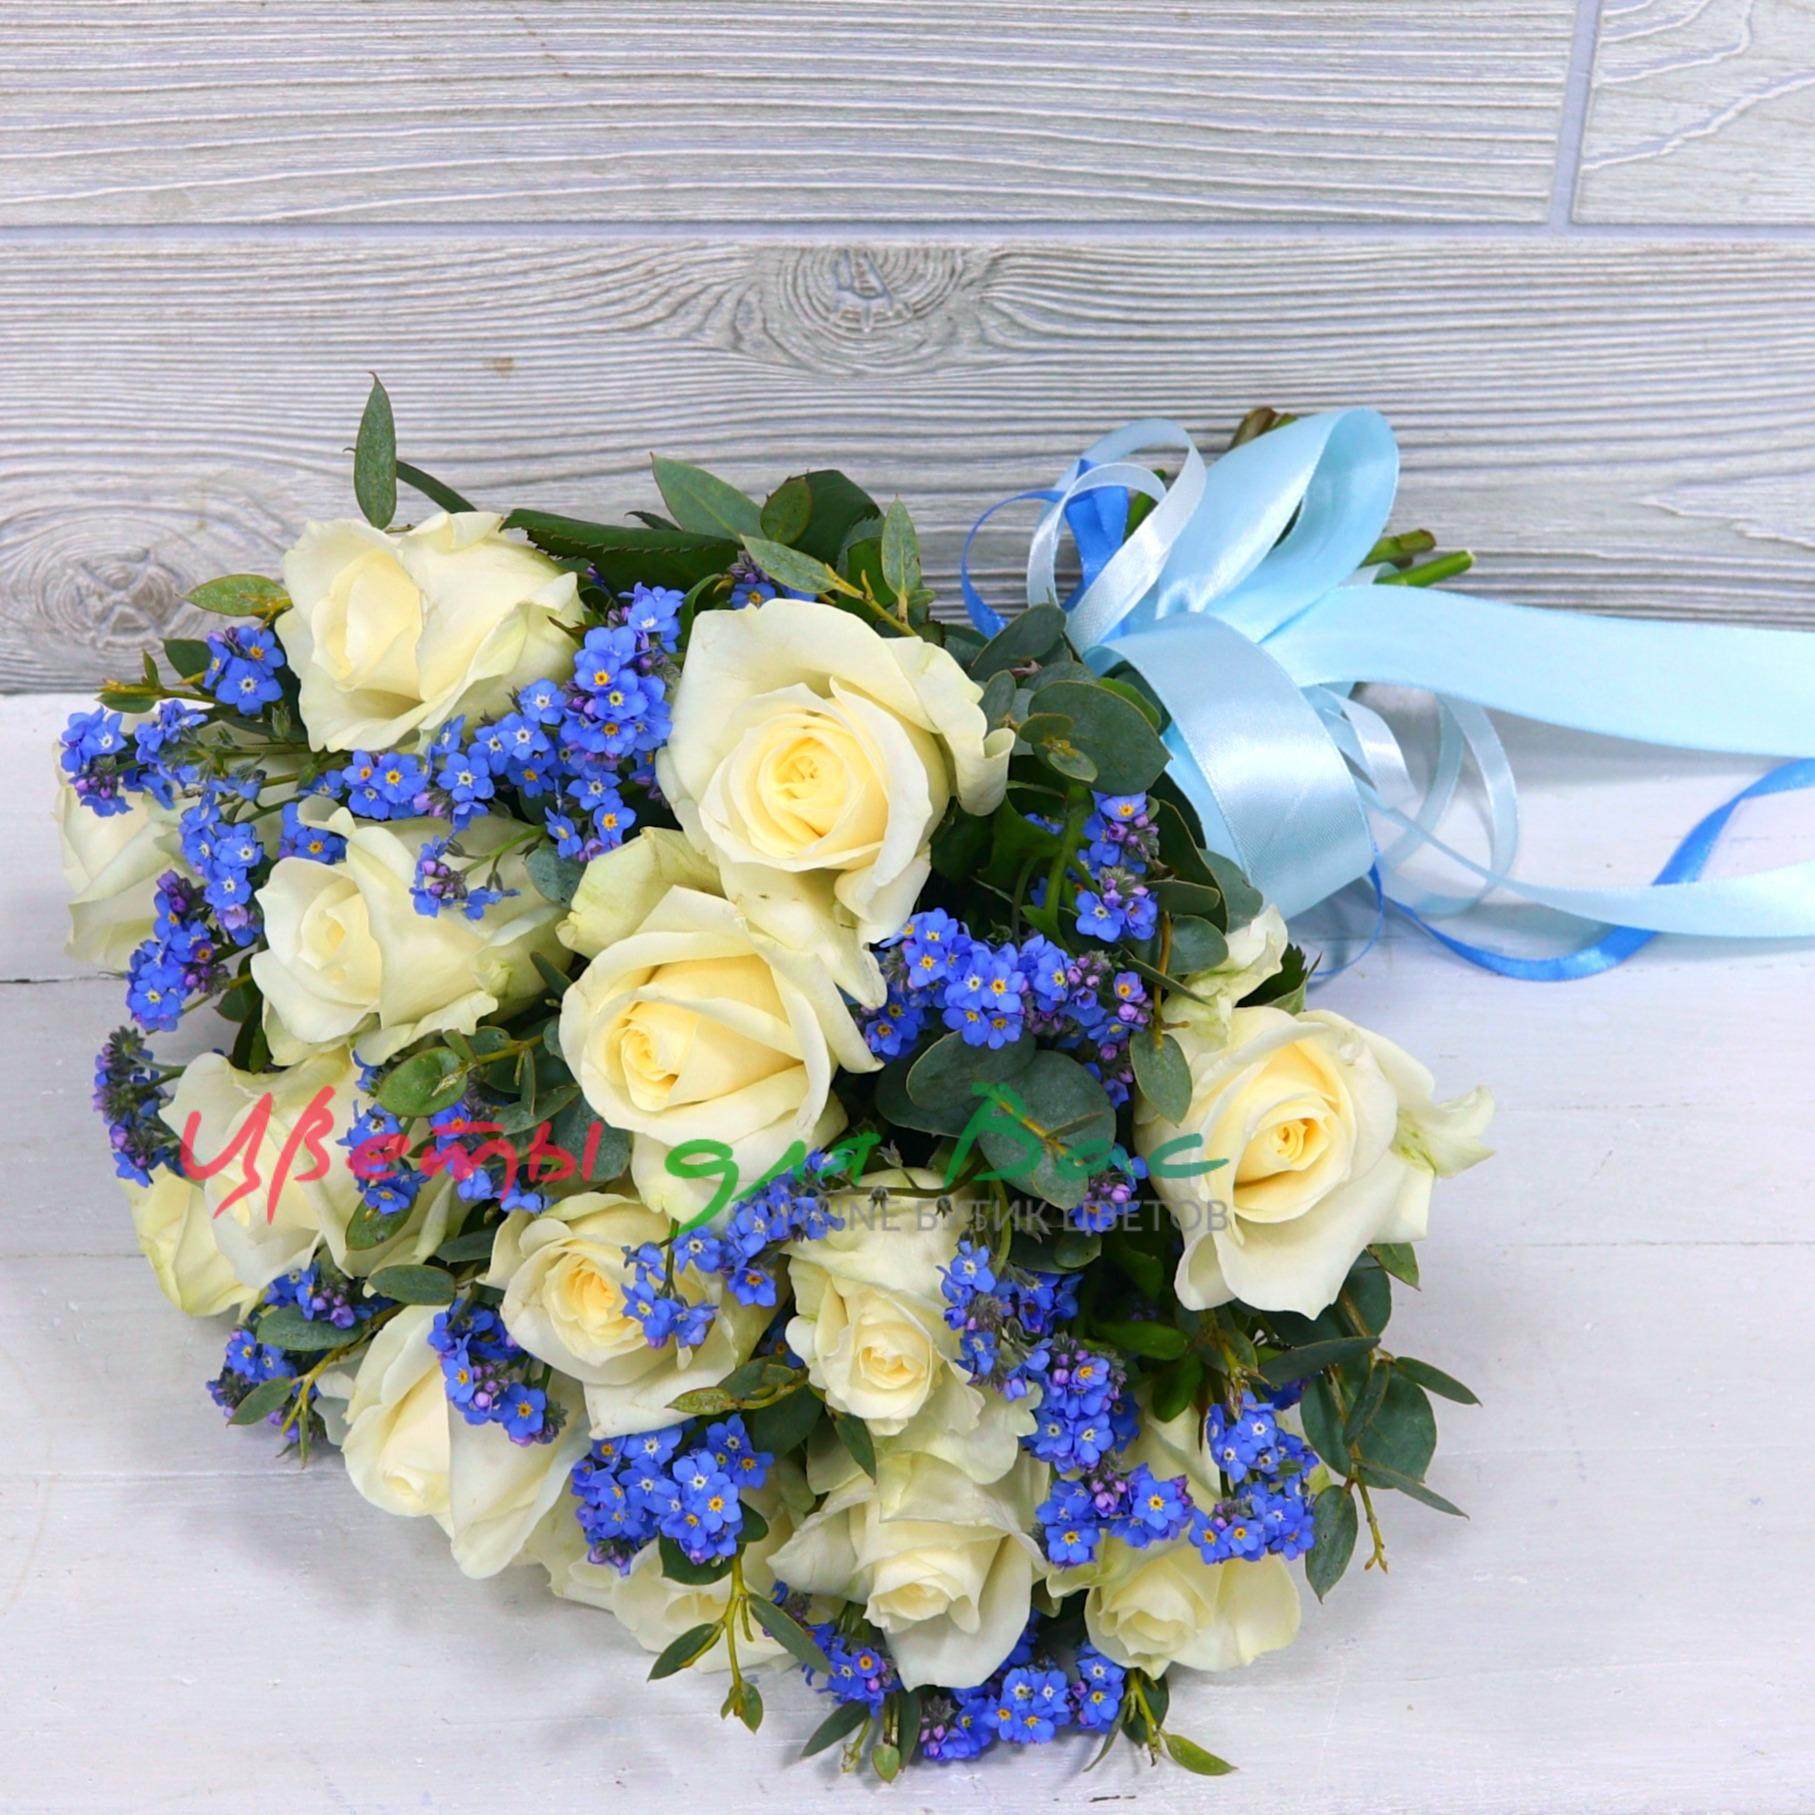 Незабудки свадебный букет, цветов течении часа